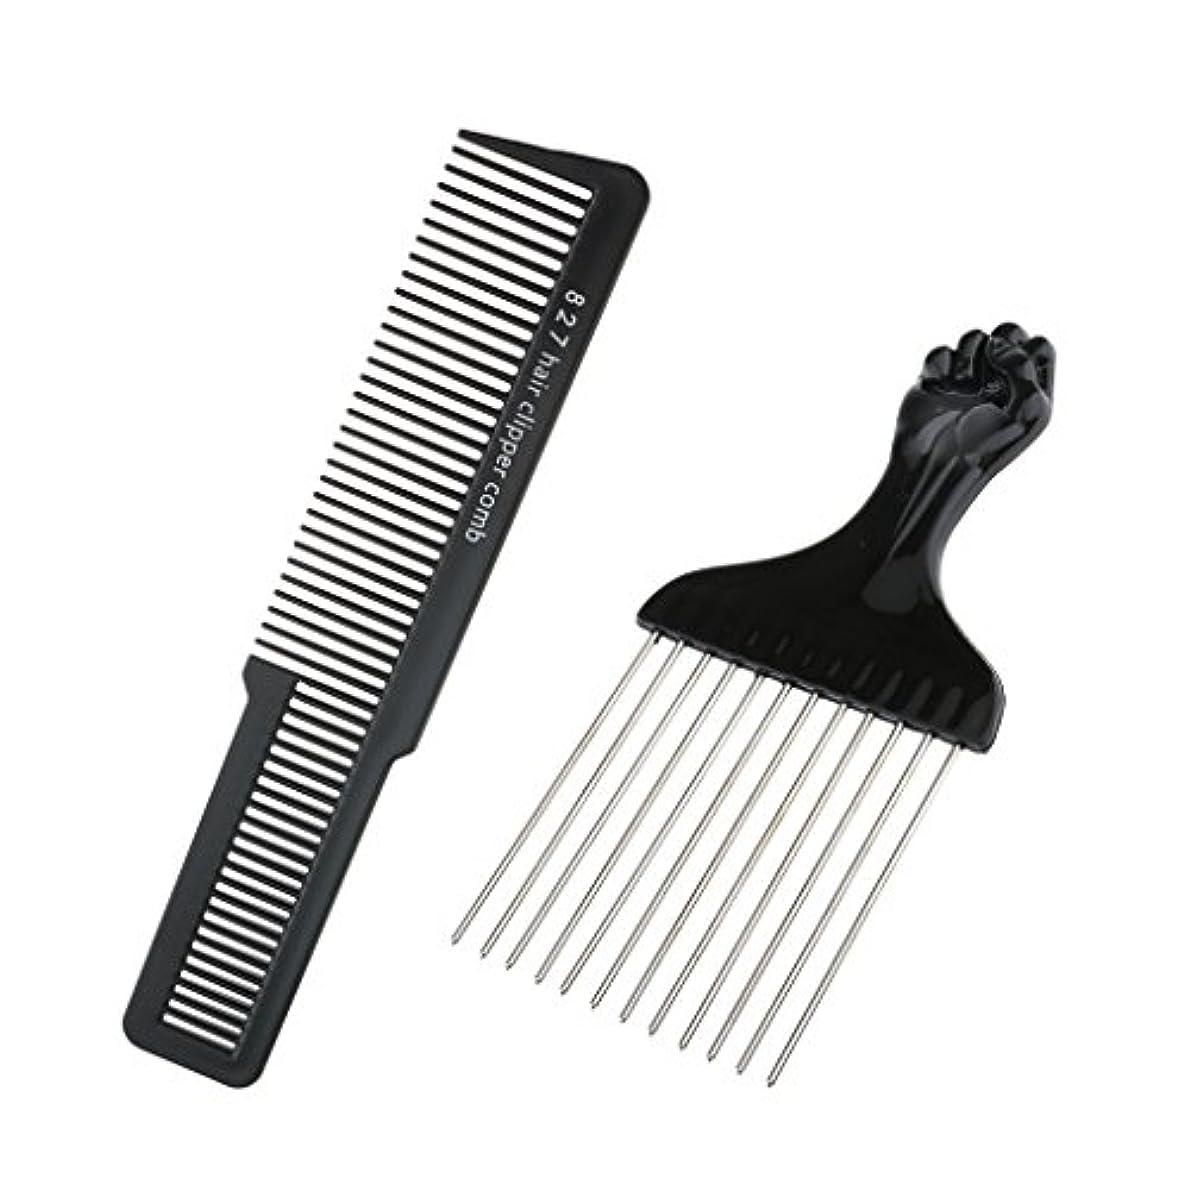 ジャーナリストこねる想起美容院の理髪師のヘアスタイリングセットの毛の切断のクリッパーの櫛セットが付いている黒いステンレス鋼のアフロピックブラシ